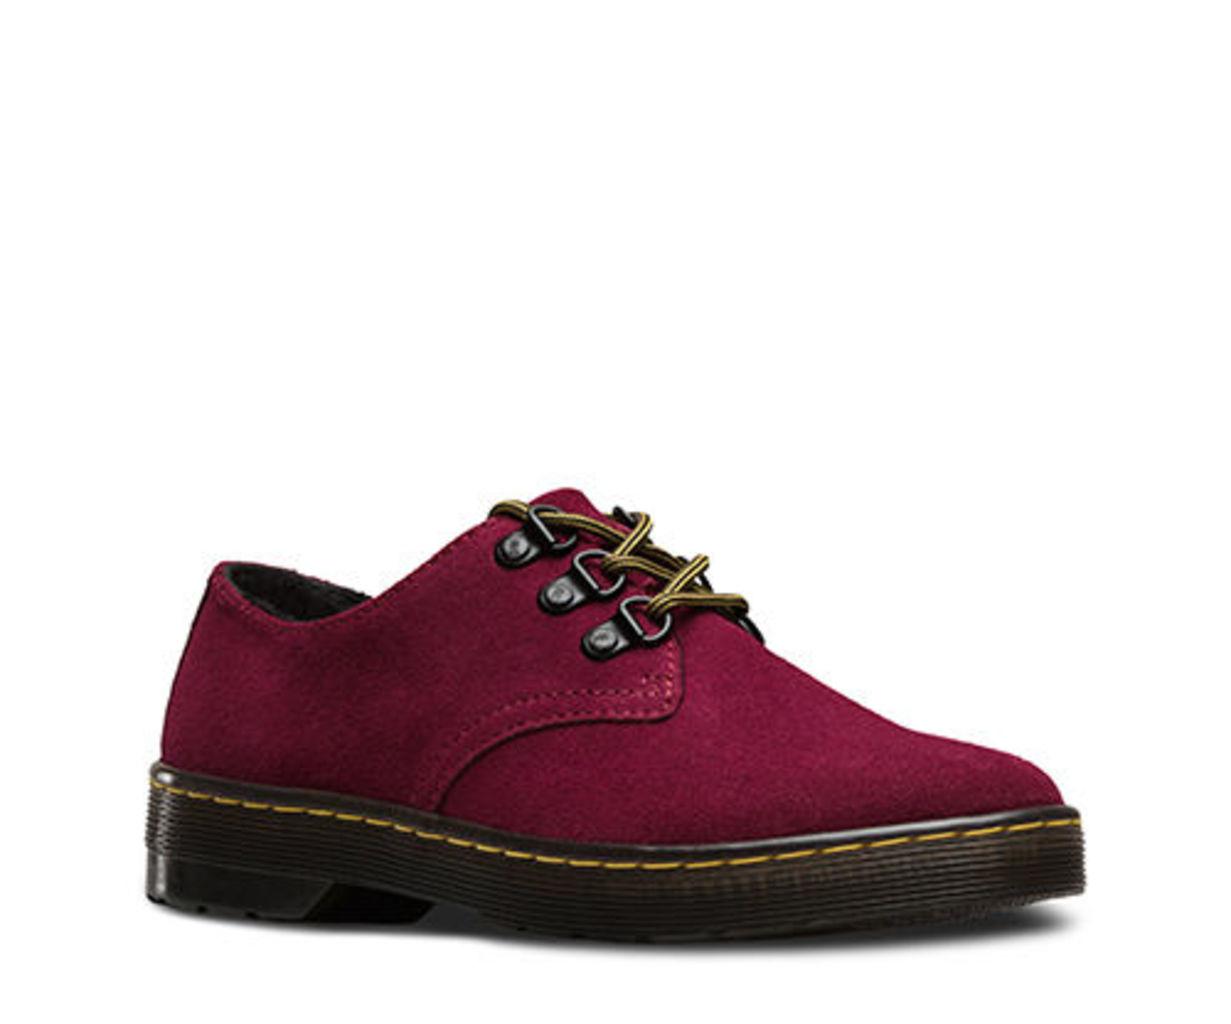 Gizelle Ii Suede Shoe